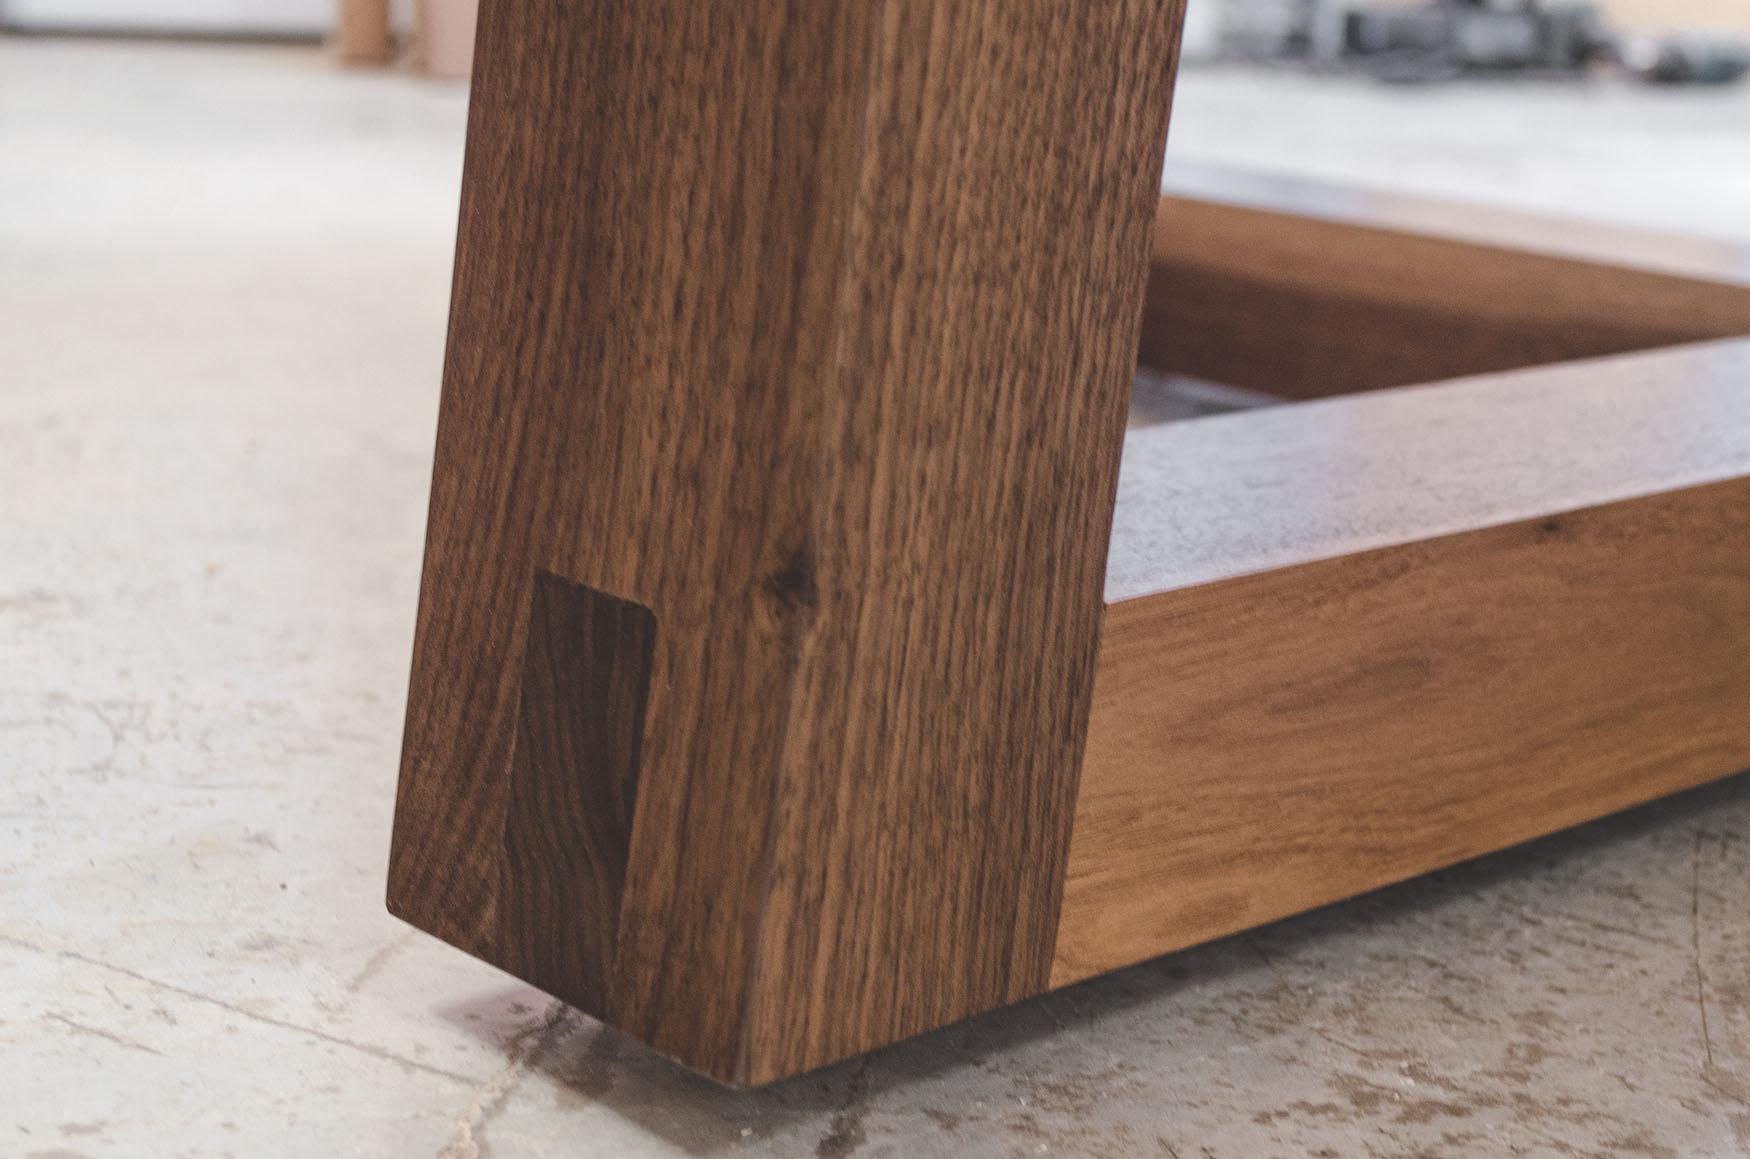 Pied de table en bois massif